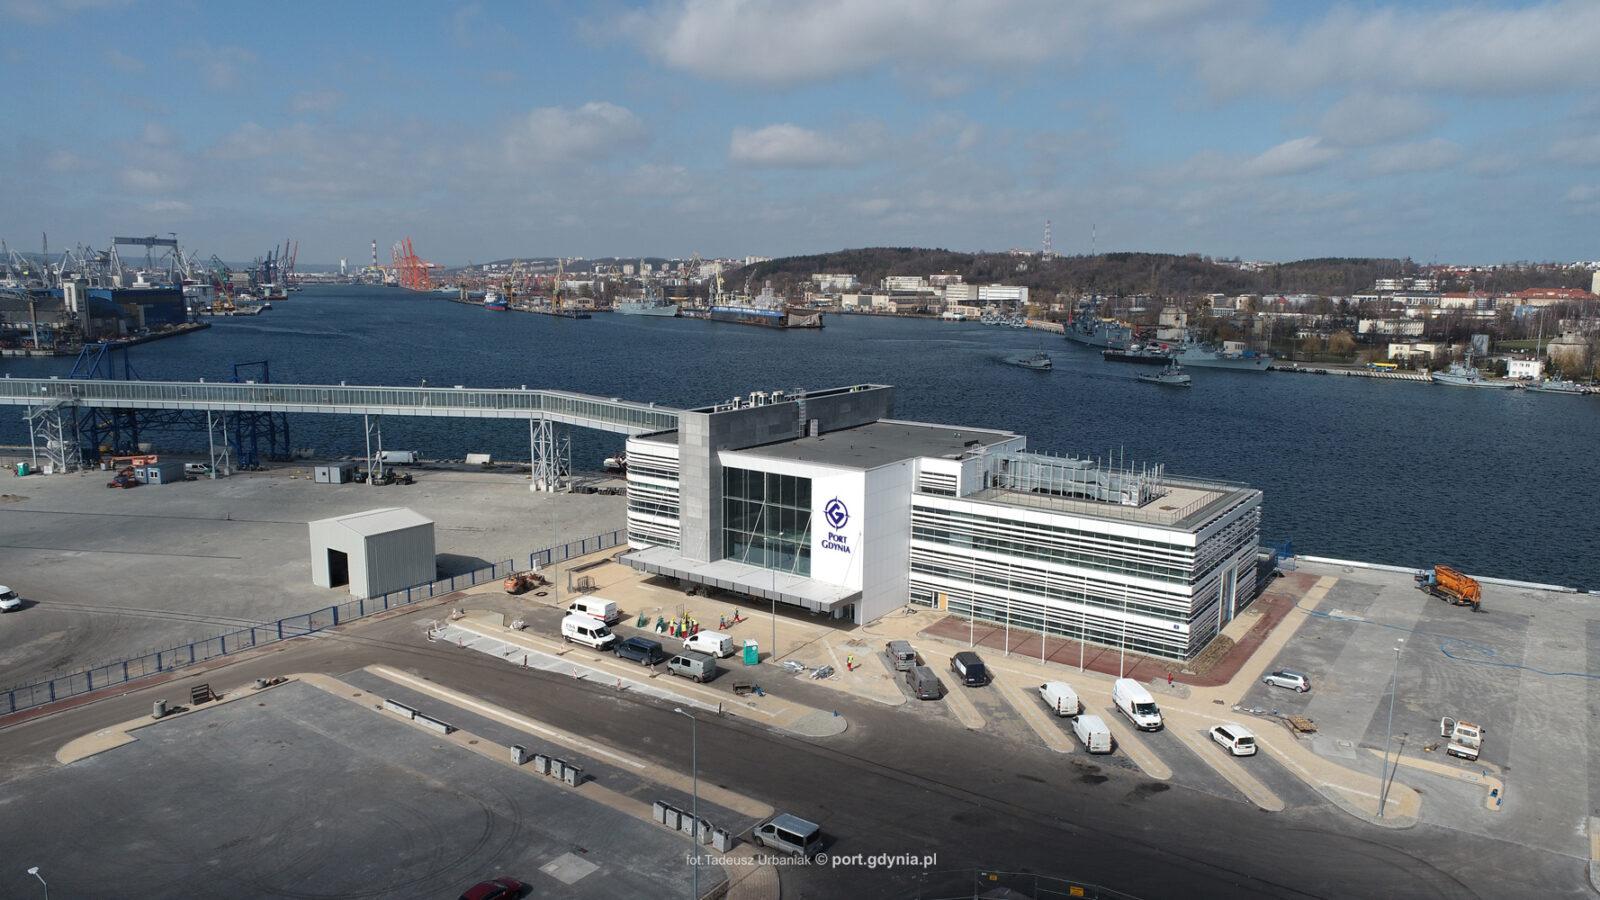 Publiczny Terminal Promowy w idei  #greenport